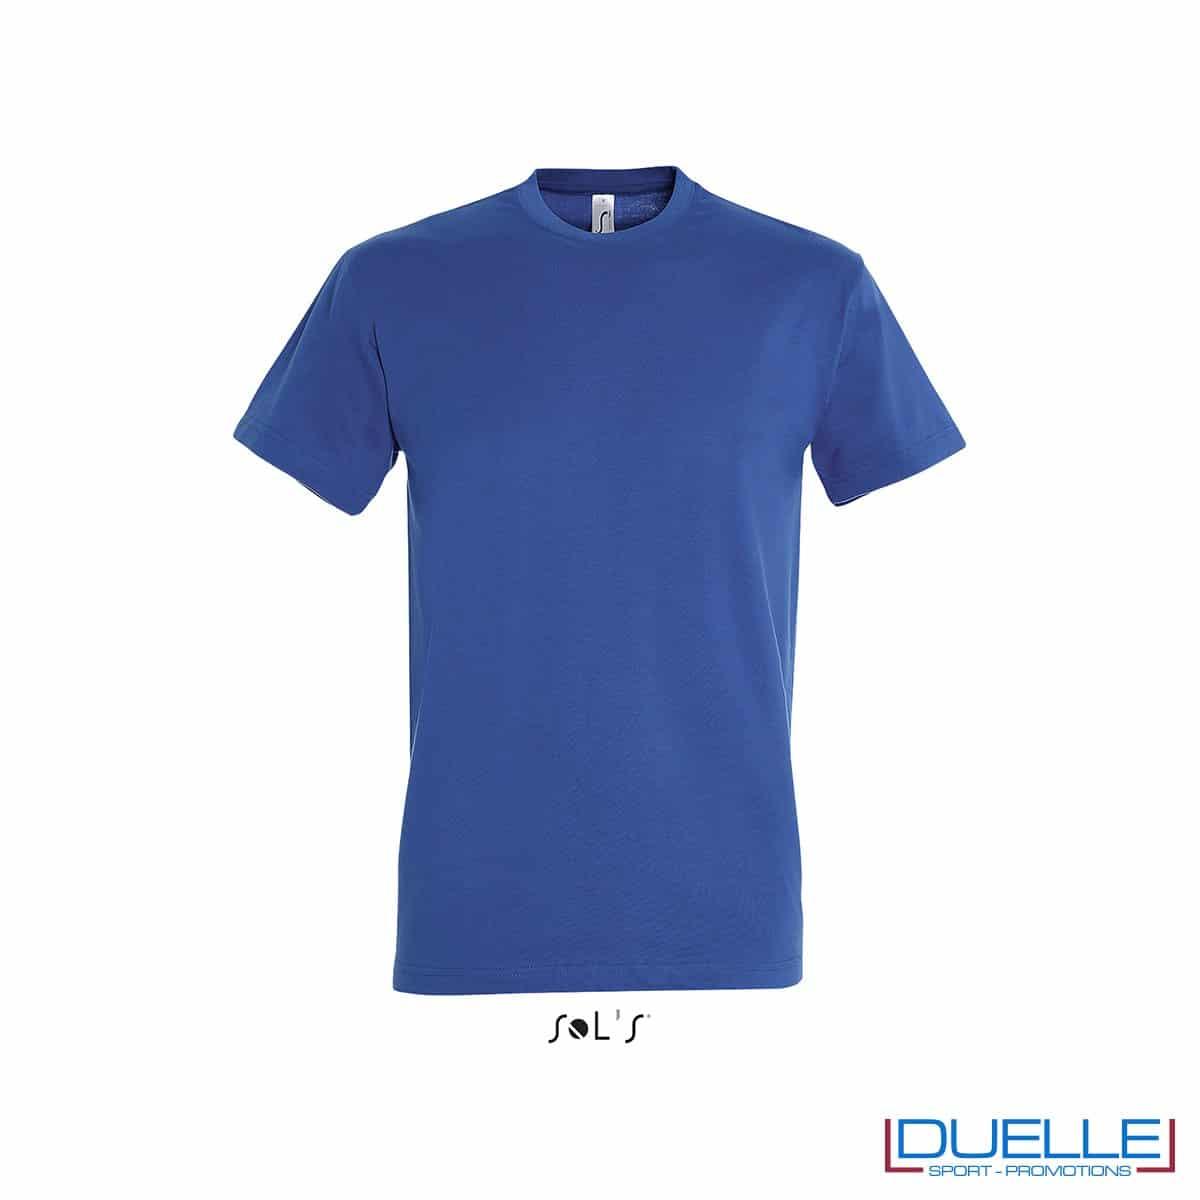 Maglietta promozionale in cotone pesante colore blu royal personalizzata con ricamo o stampa